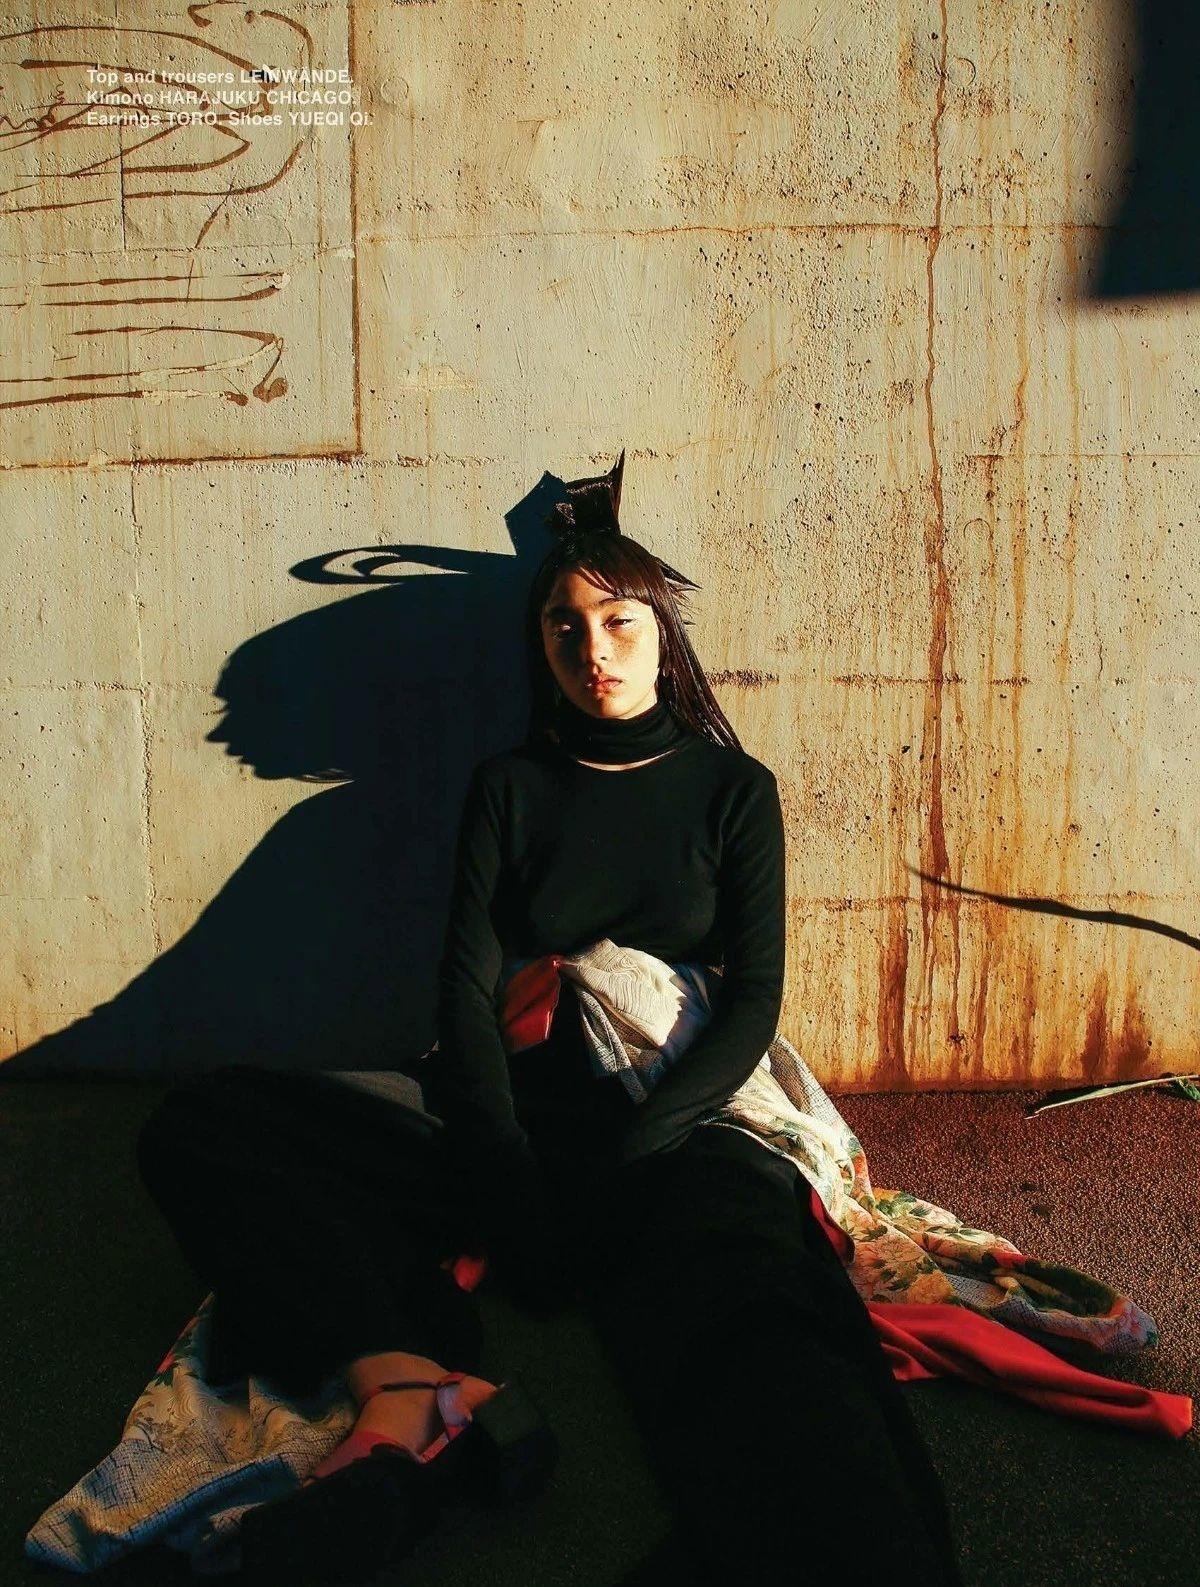 满脸雀斑却依旧很美的混血模特世理奈写真作品 (4)